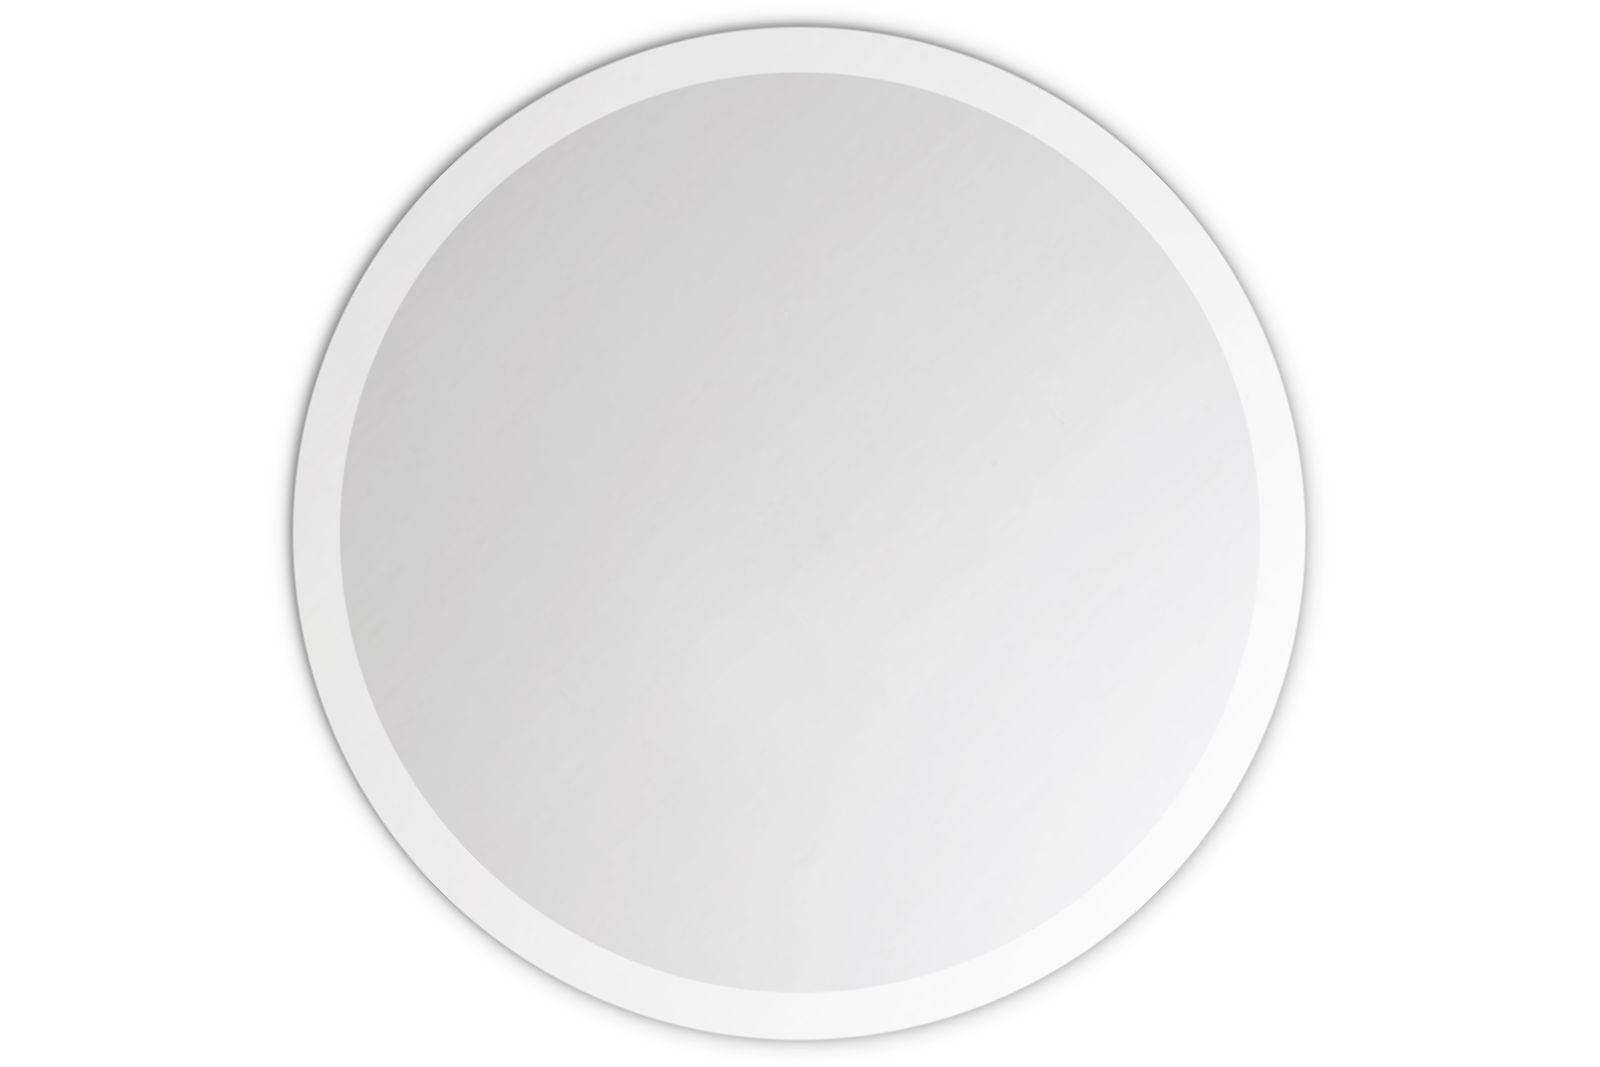 wandspiegel rund 6mm echtglas gefaste kante mit wandhalterung ebay. Black Bedroom Furniture Sets. Home Design Ideas